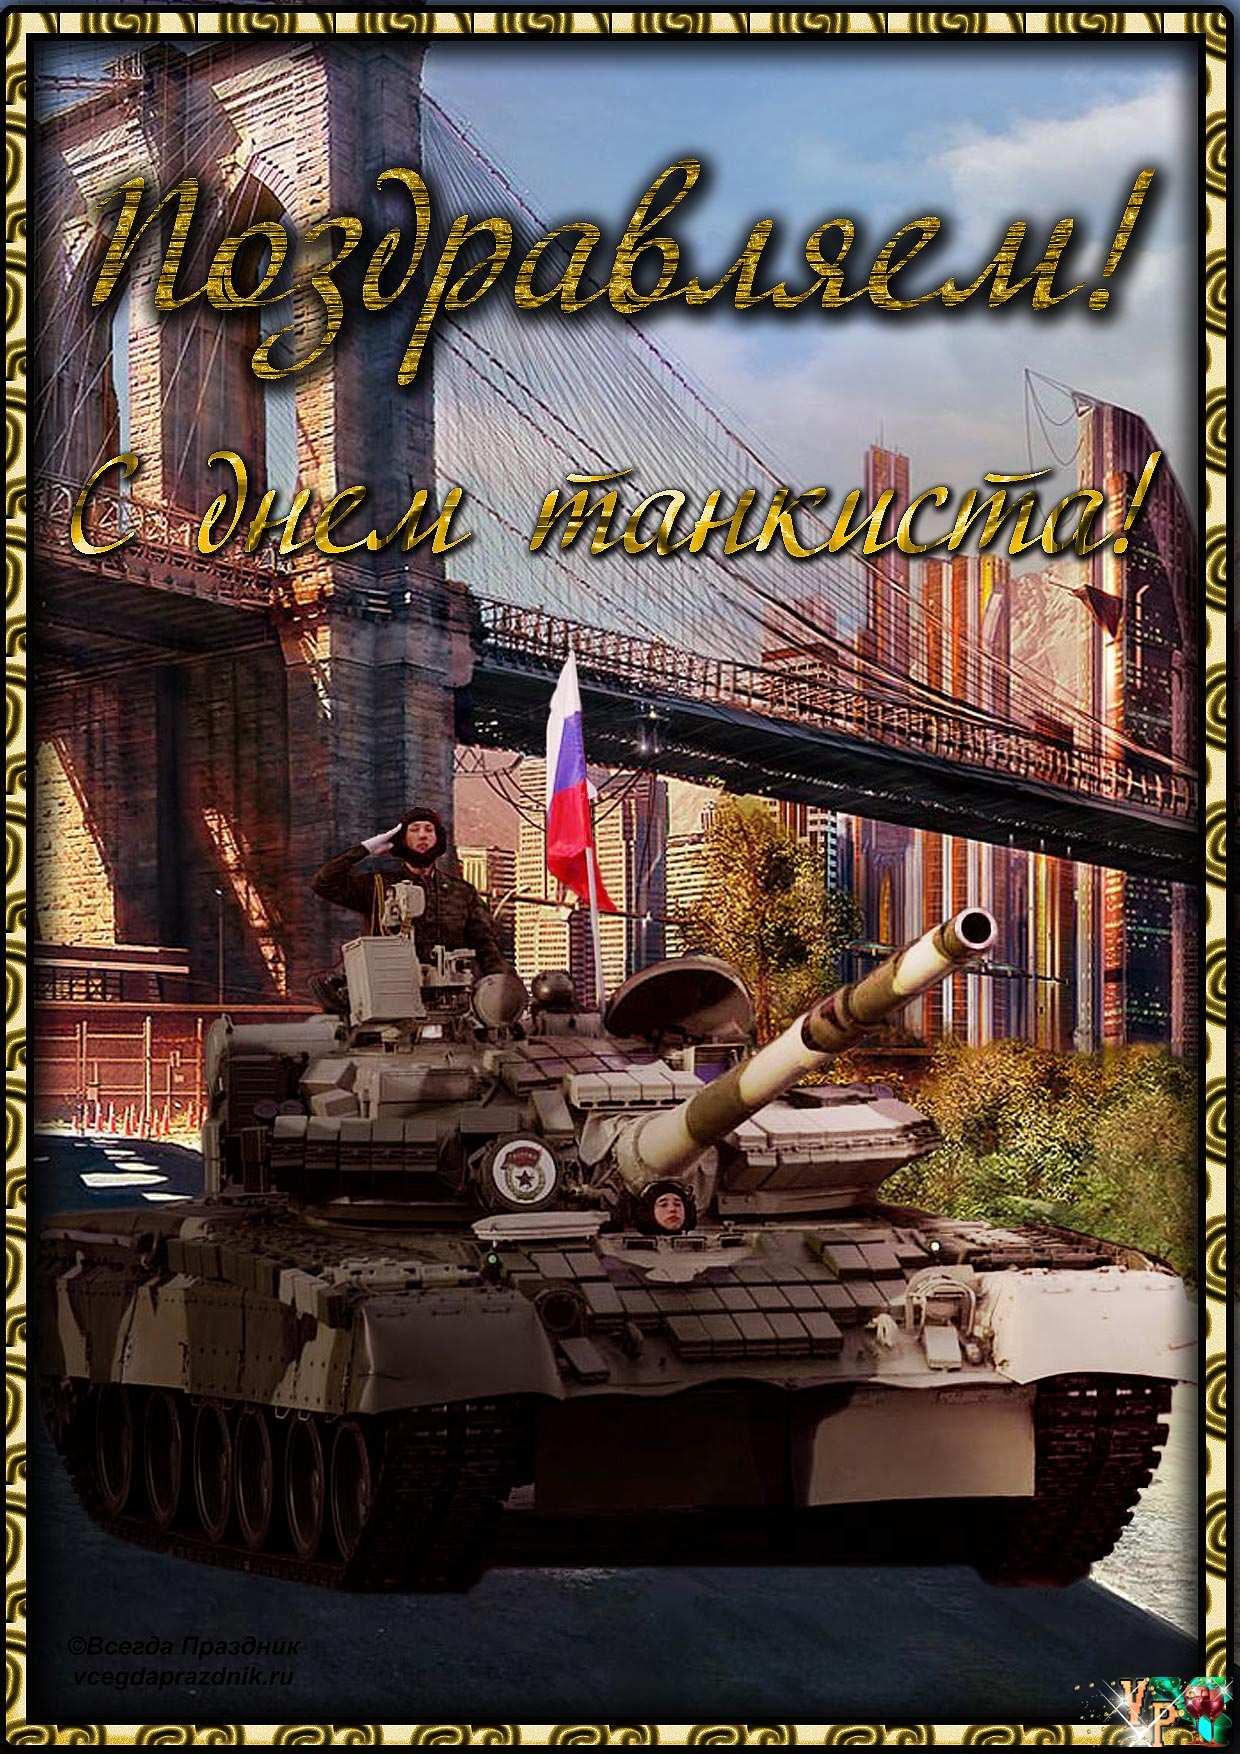 вложить красивый о юбилее дня танкиста красивое поздравление сайте нет